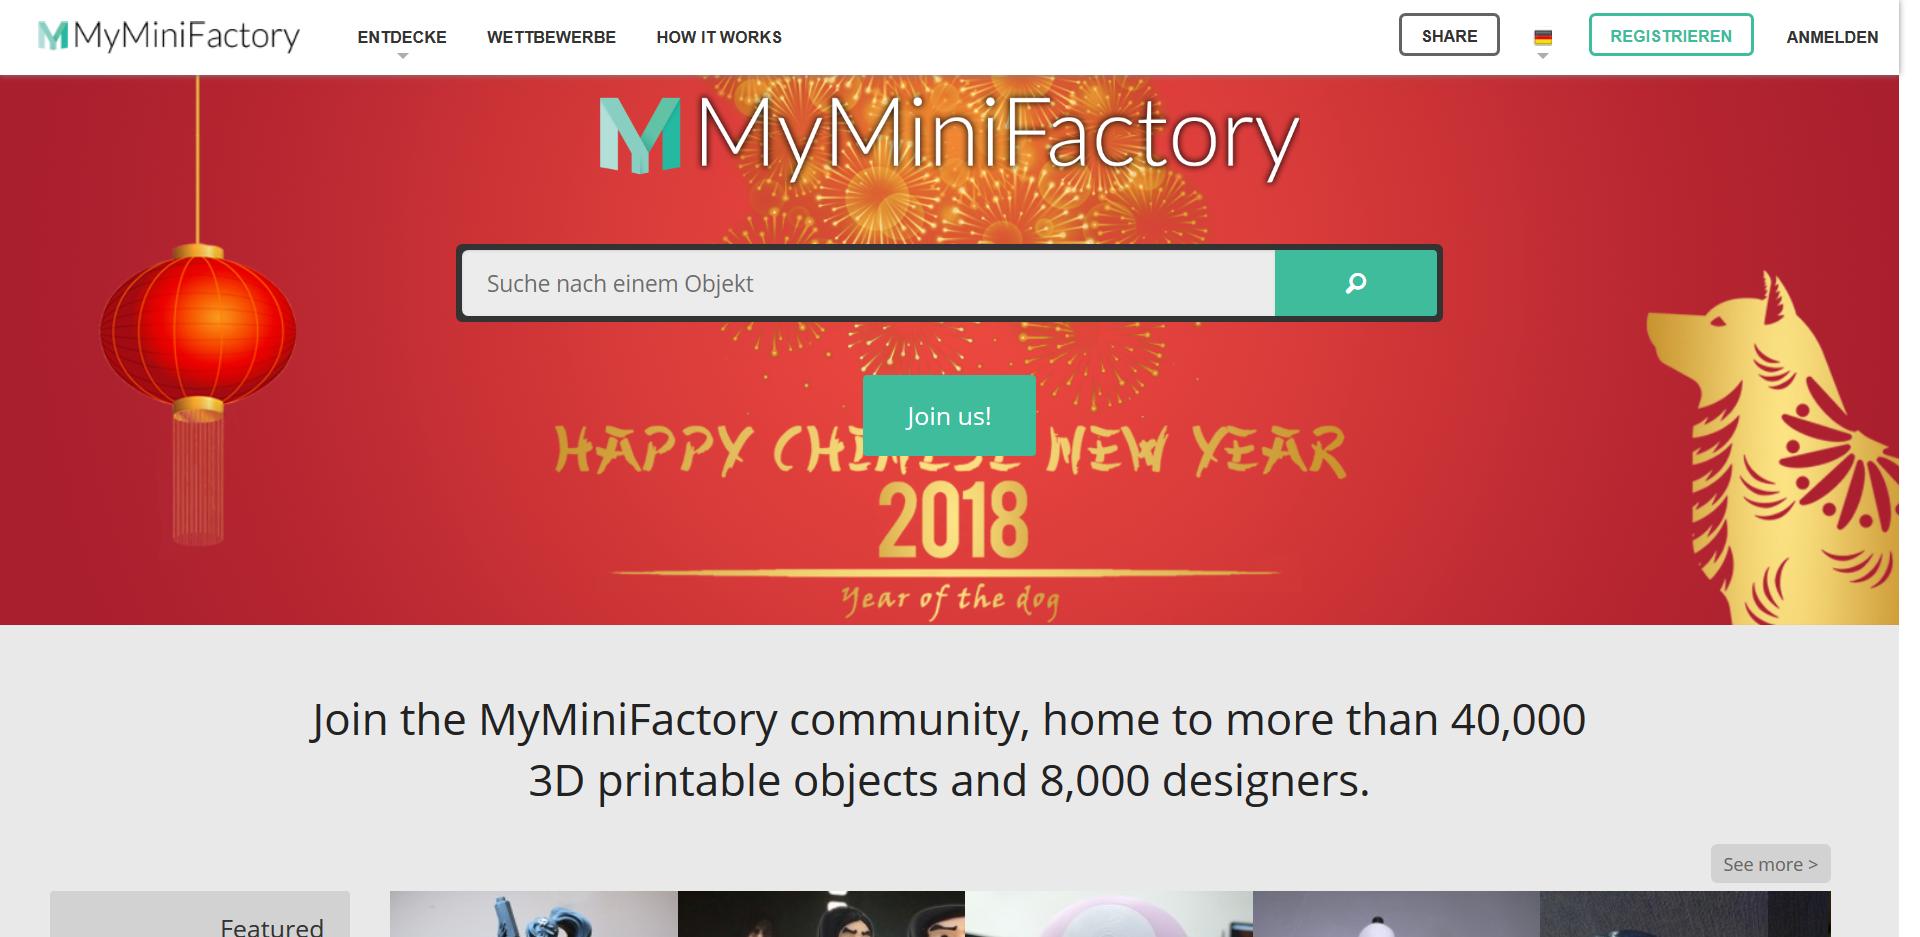 Startseite der MyMiniFactory 3D Drucker Vorlagen Seite